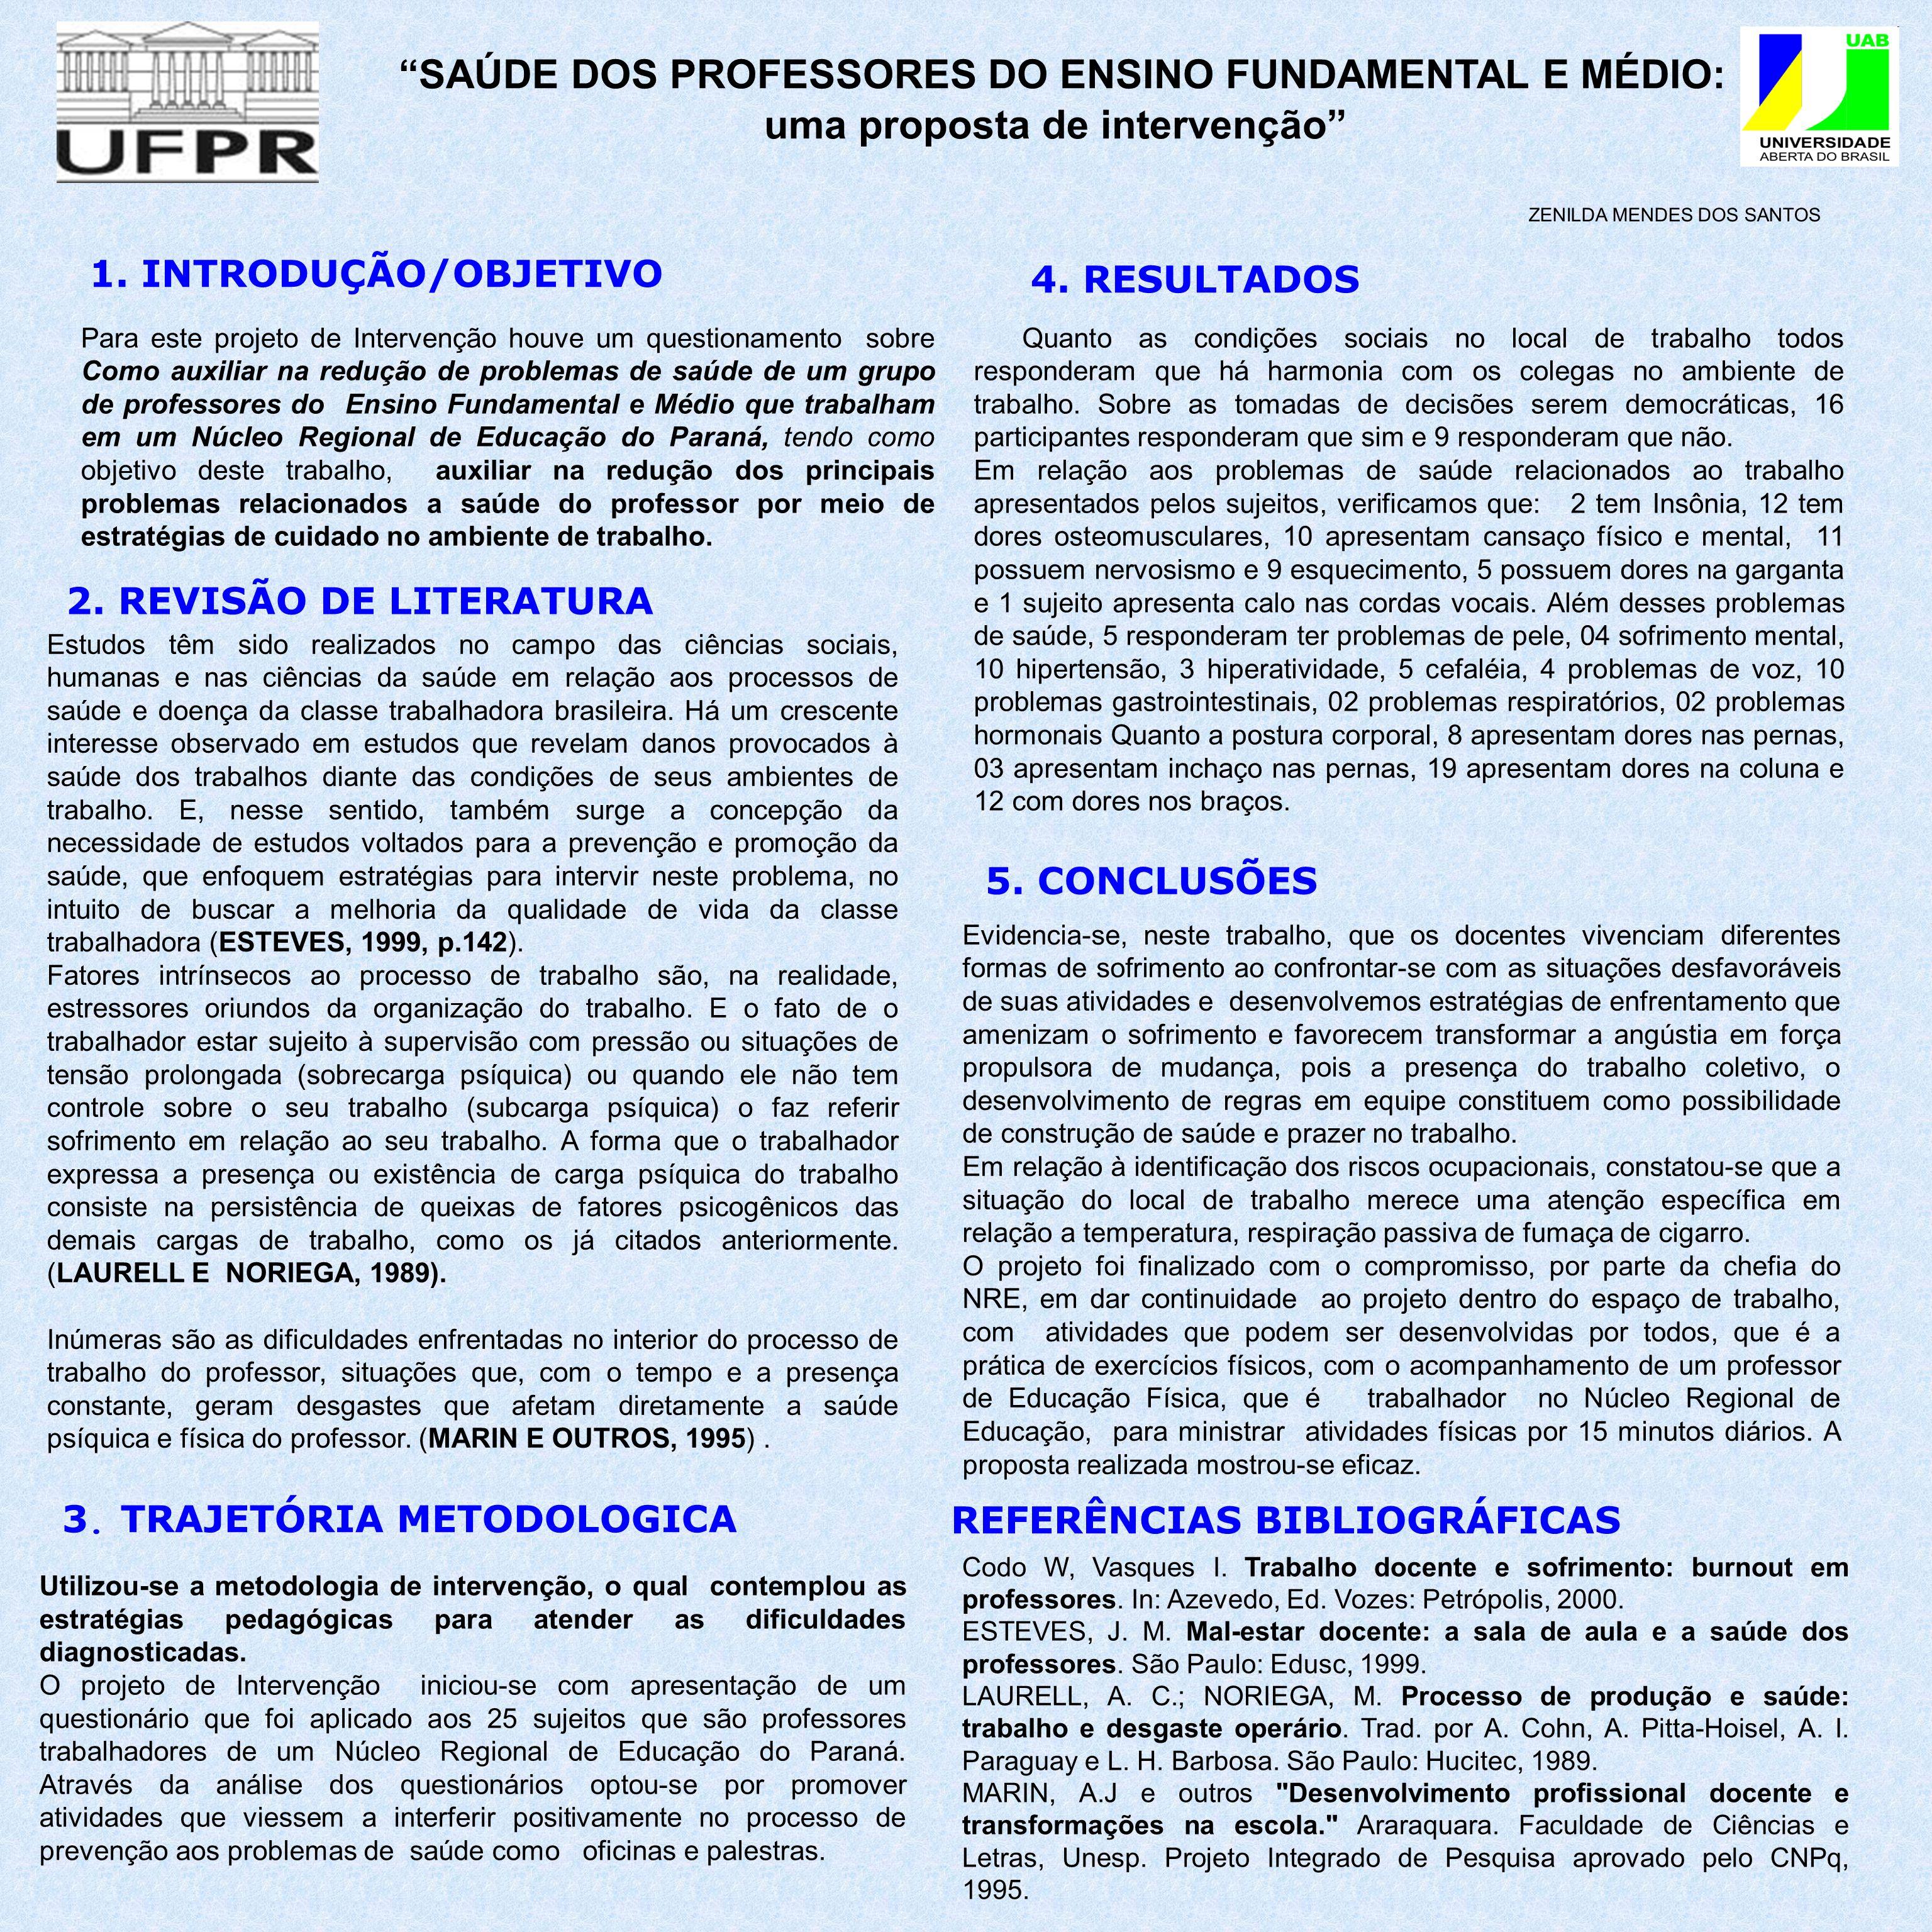 5. CONCLUSÕES SAÚDE DOS PROFESSORES DO ENSINO FUNDAMENTAL E MÉDIO: uma proposta de intervenção 1.